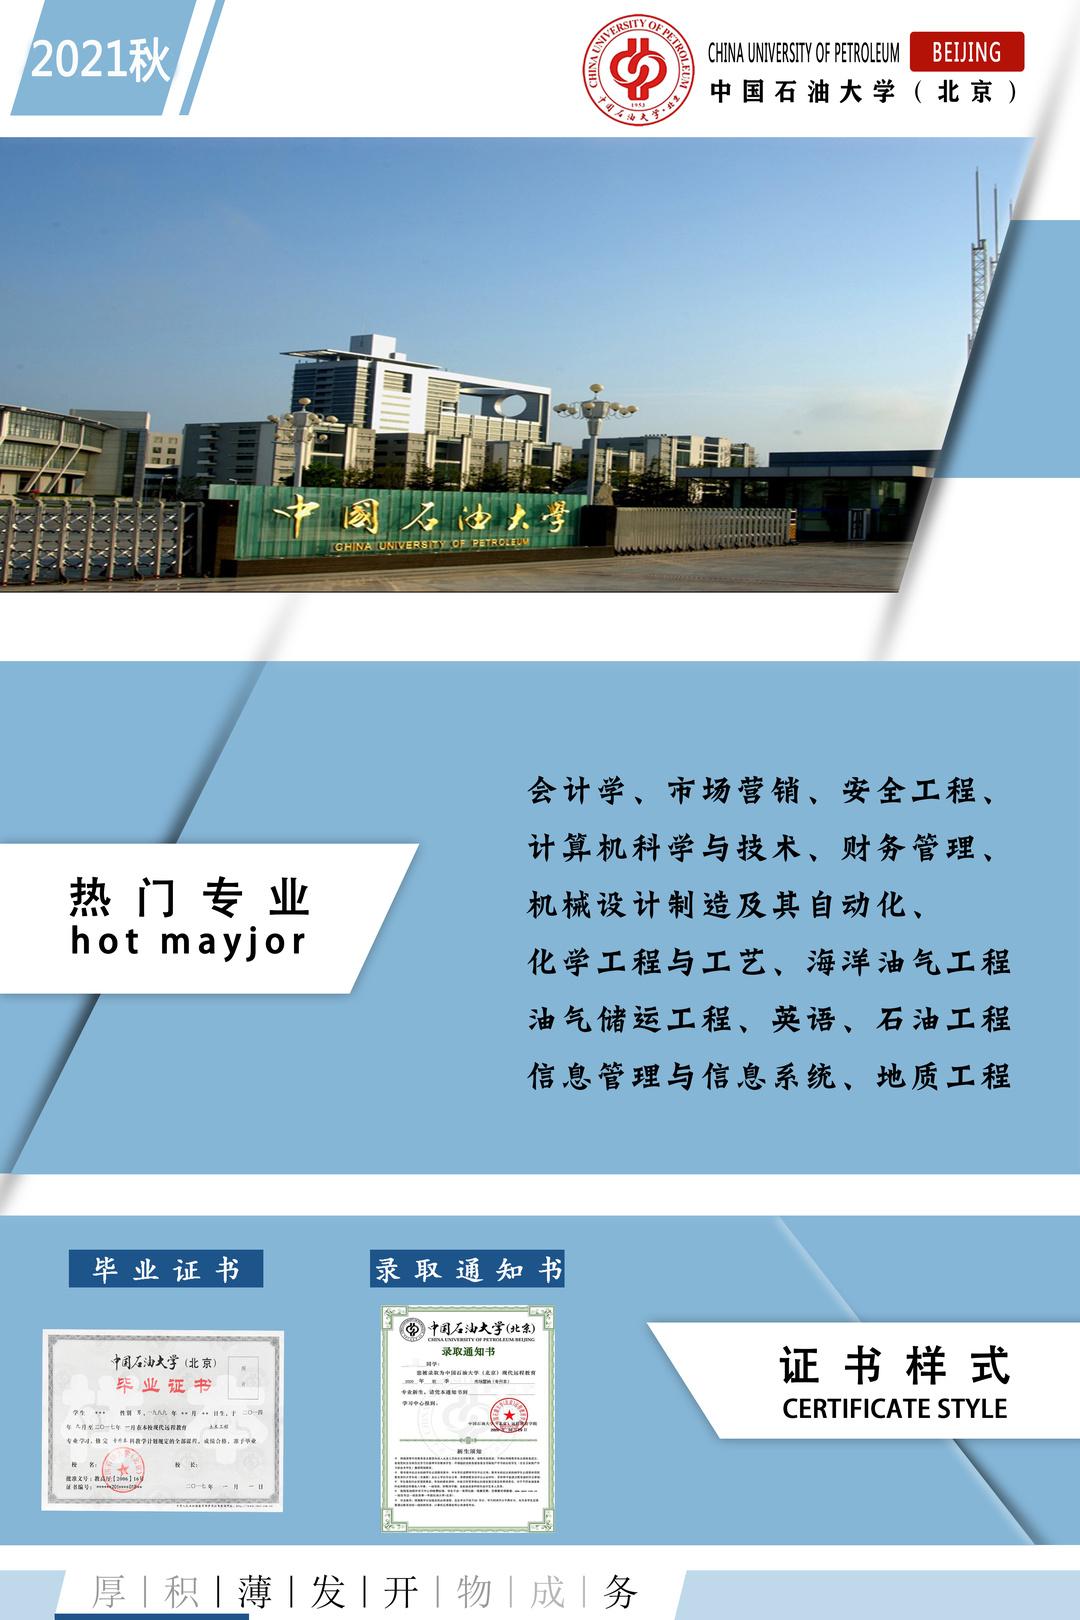 21秋中国石油大学(北京).jpg